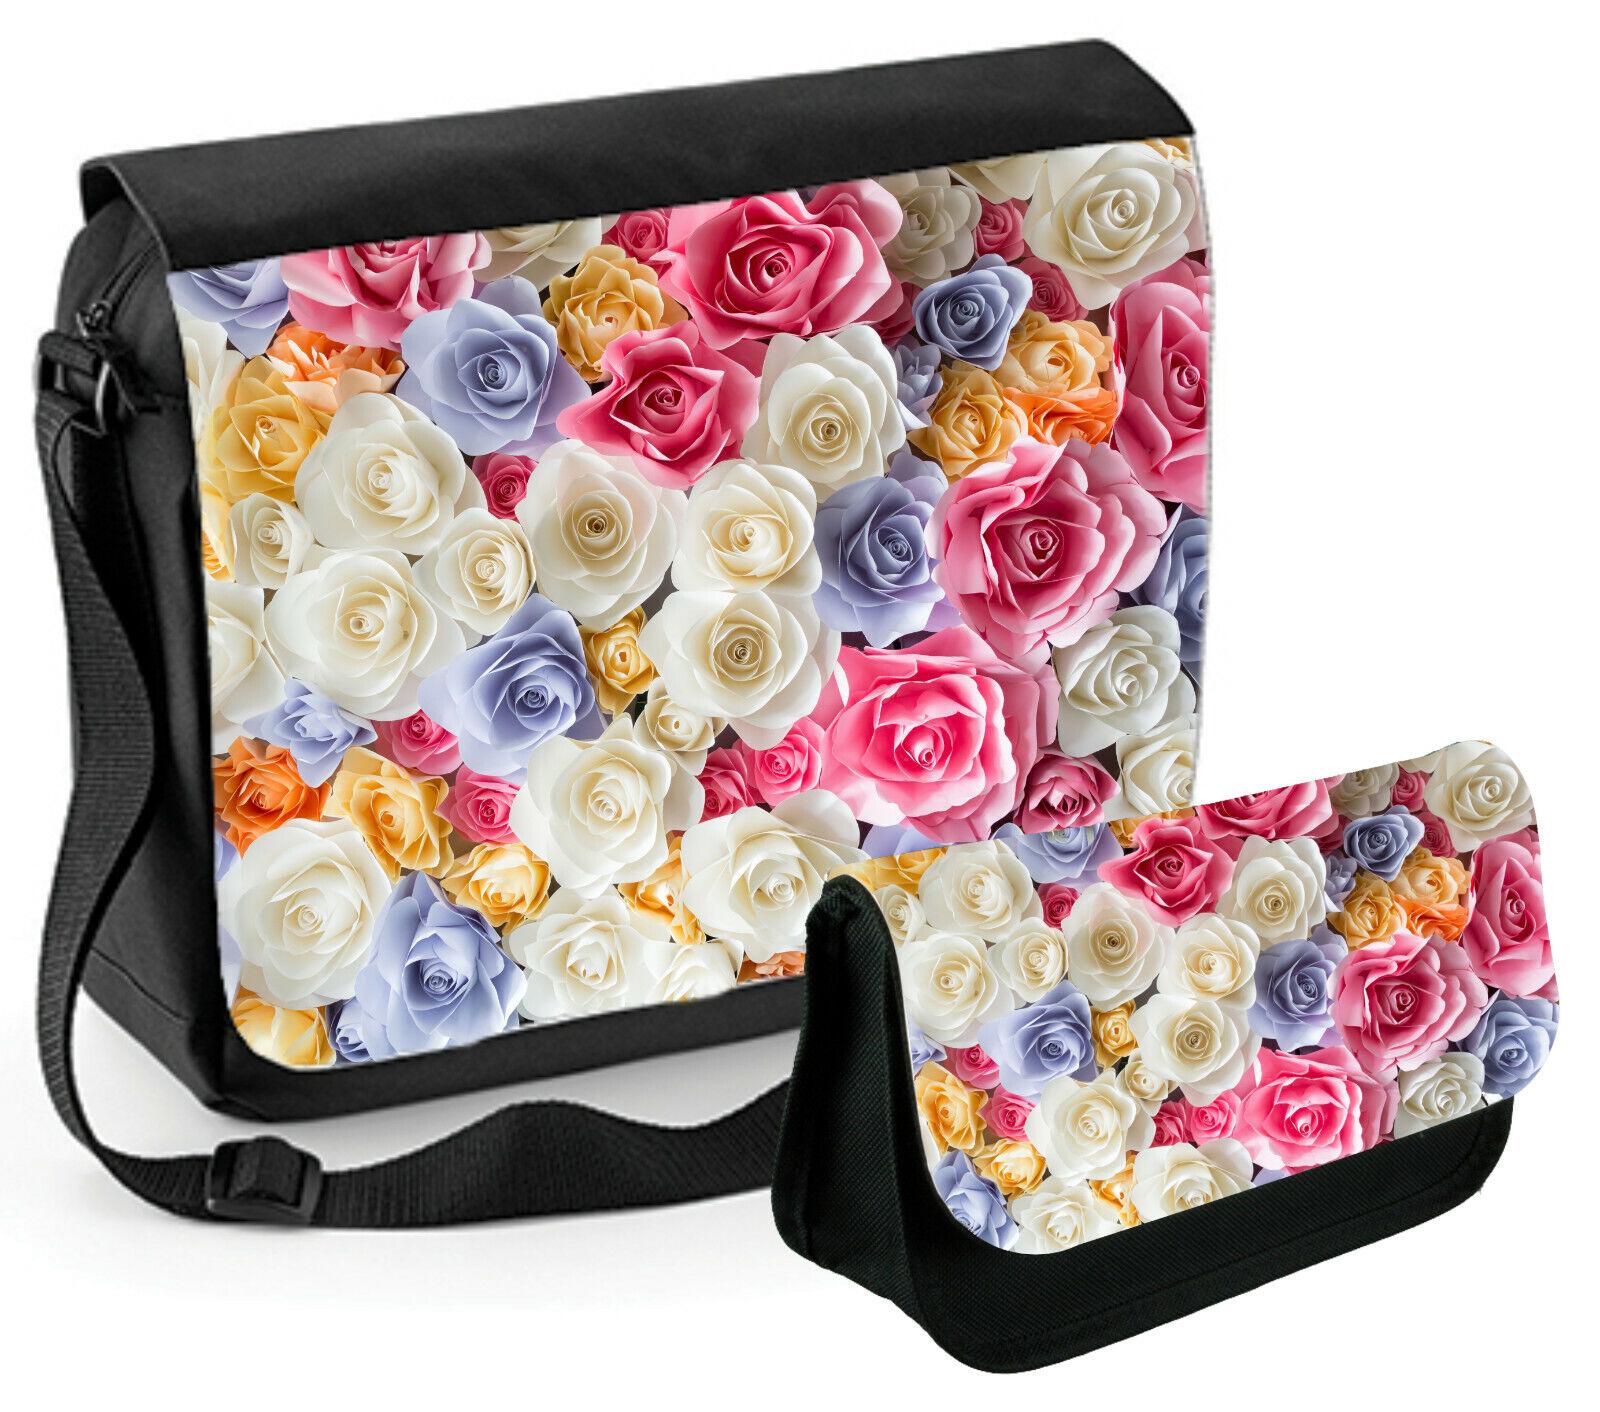 Collegetasche RosaN RosaN RosaN Schultasche Schultertasche MessengerBag Umhängetasche | Qualität Produkte  | Neues Design  | Kaufen Sie online  1c62bb